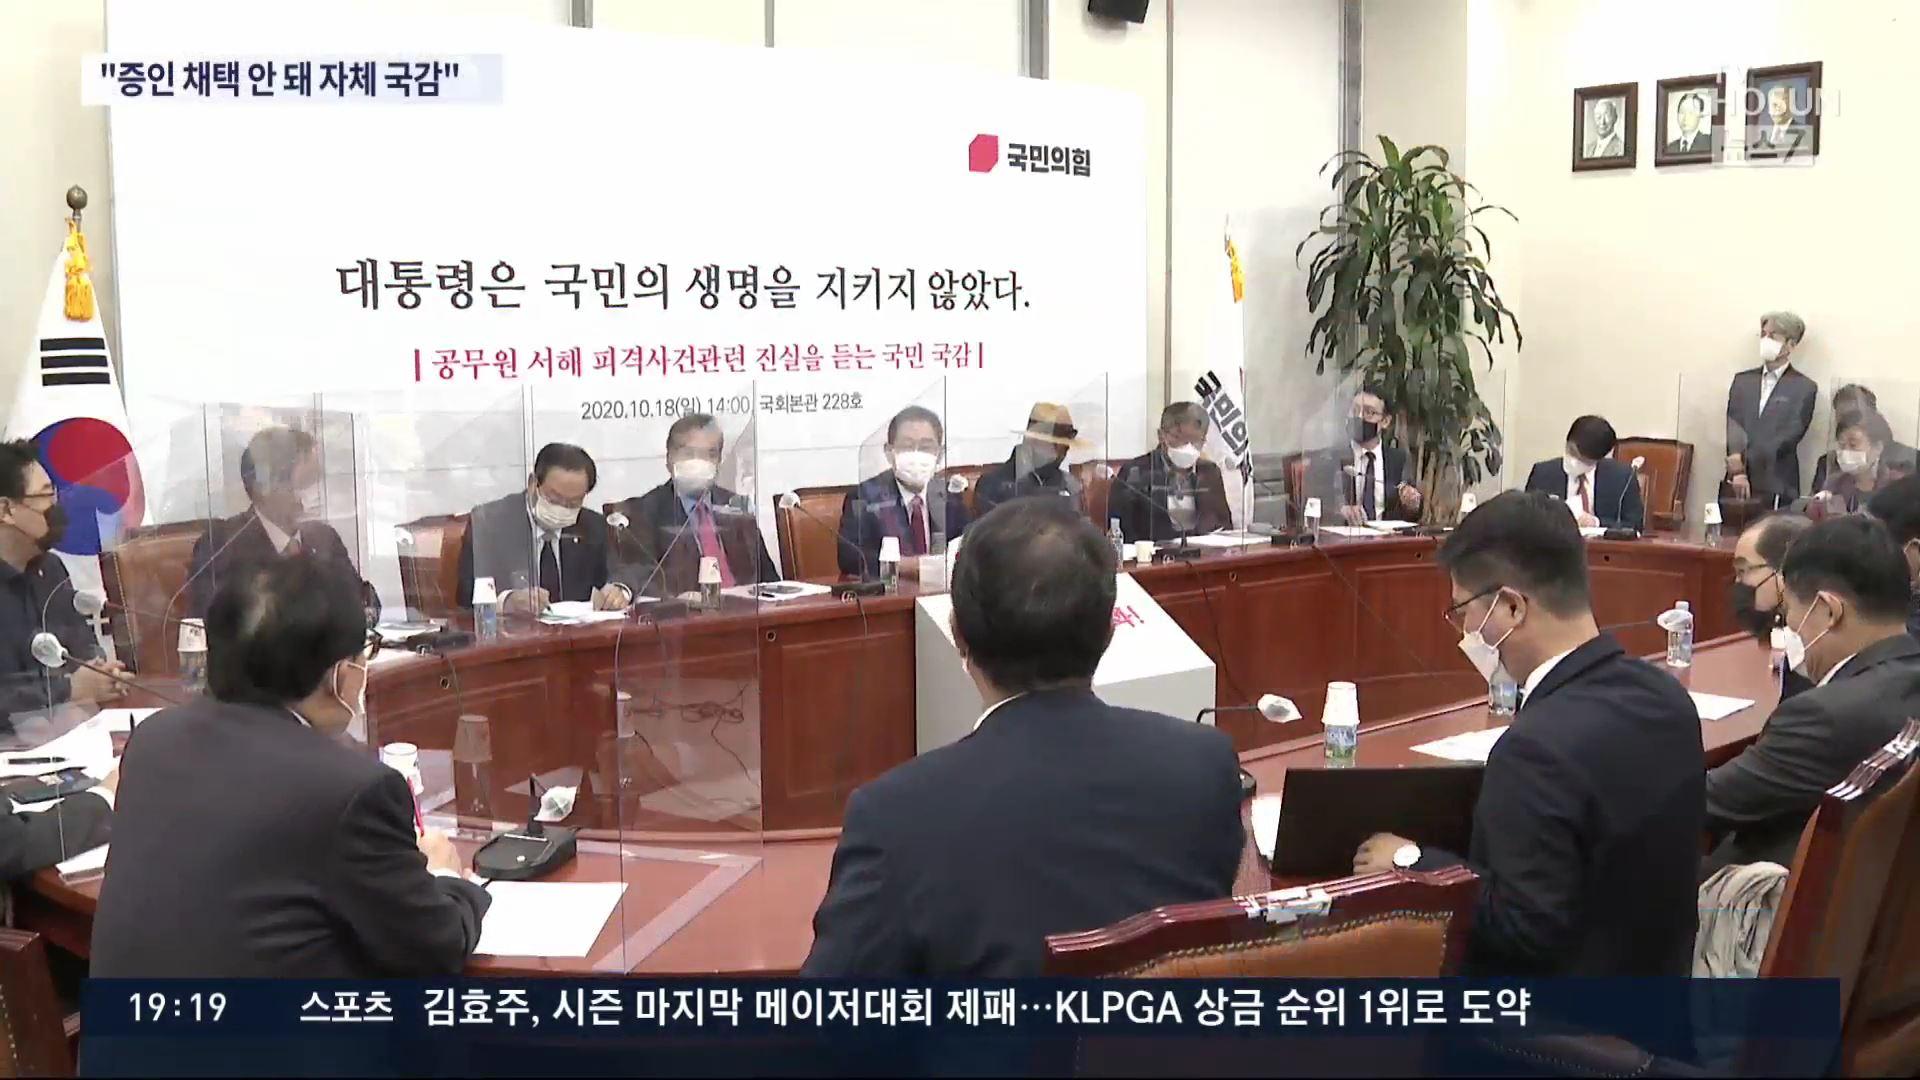 野, 與 거부로 증인 무산되자 '자체 국감'…피격 공무원 유족, 10분 넘게 정부 성토